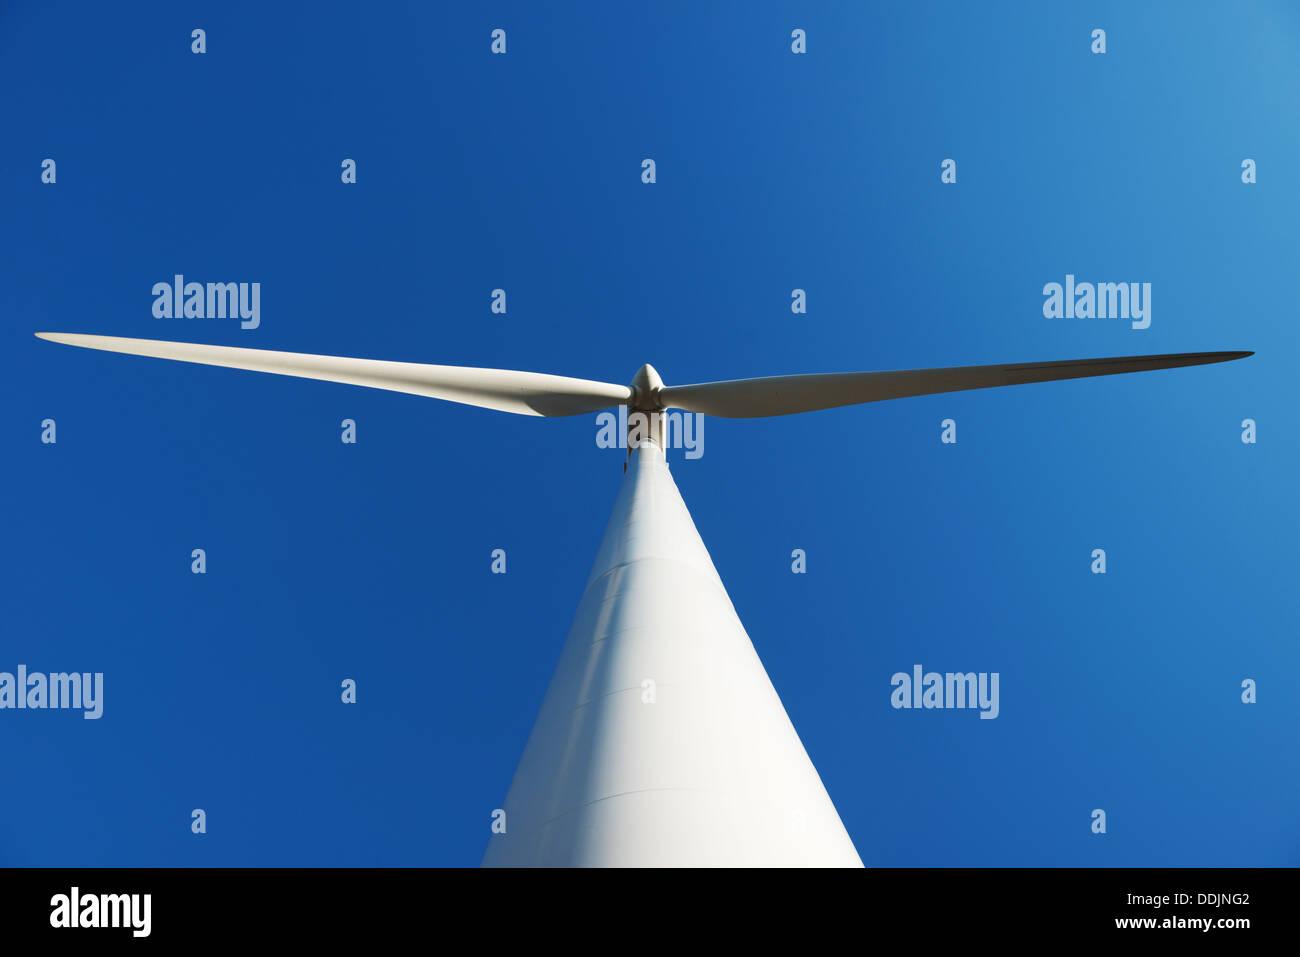 A wind turbine taken from below against blue sky - Stock Image